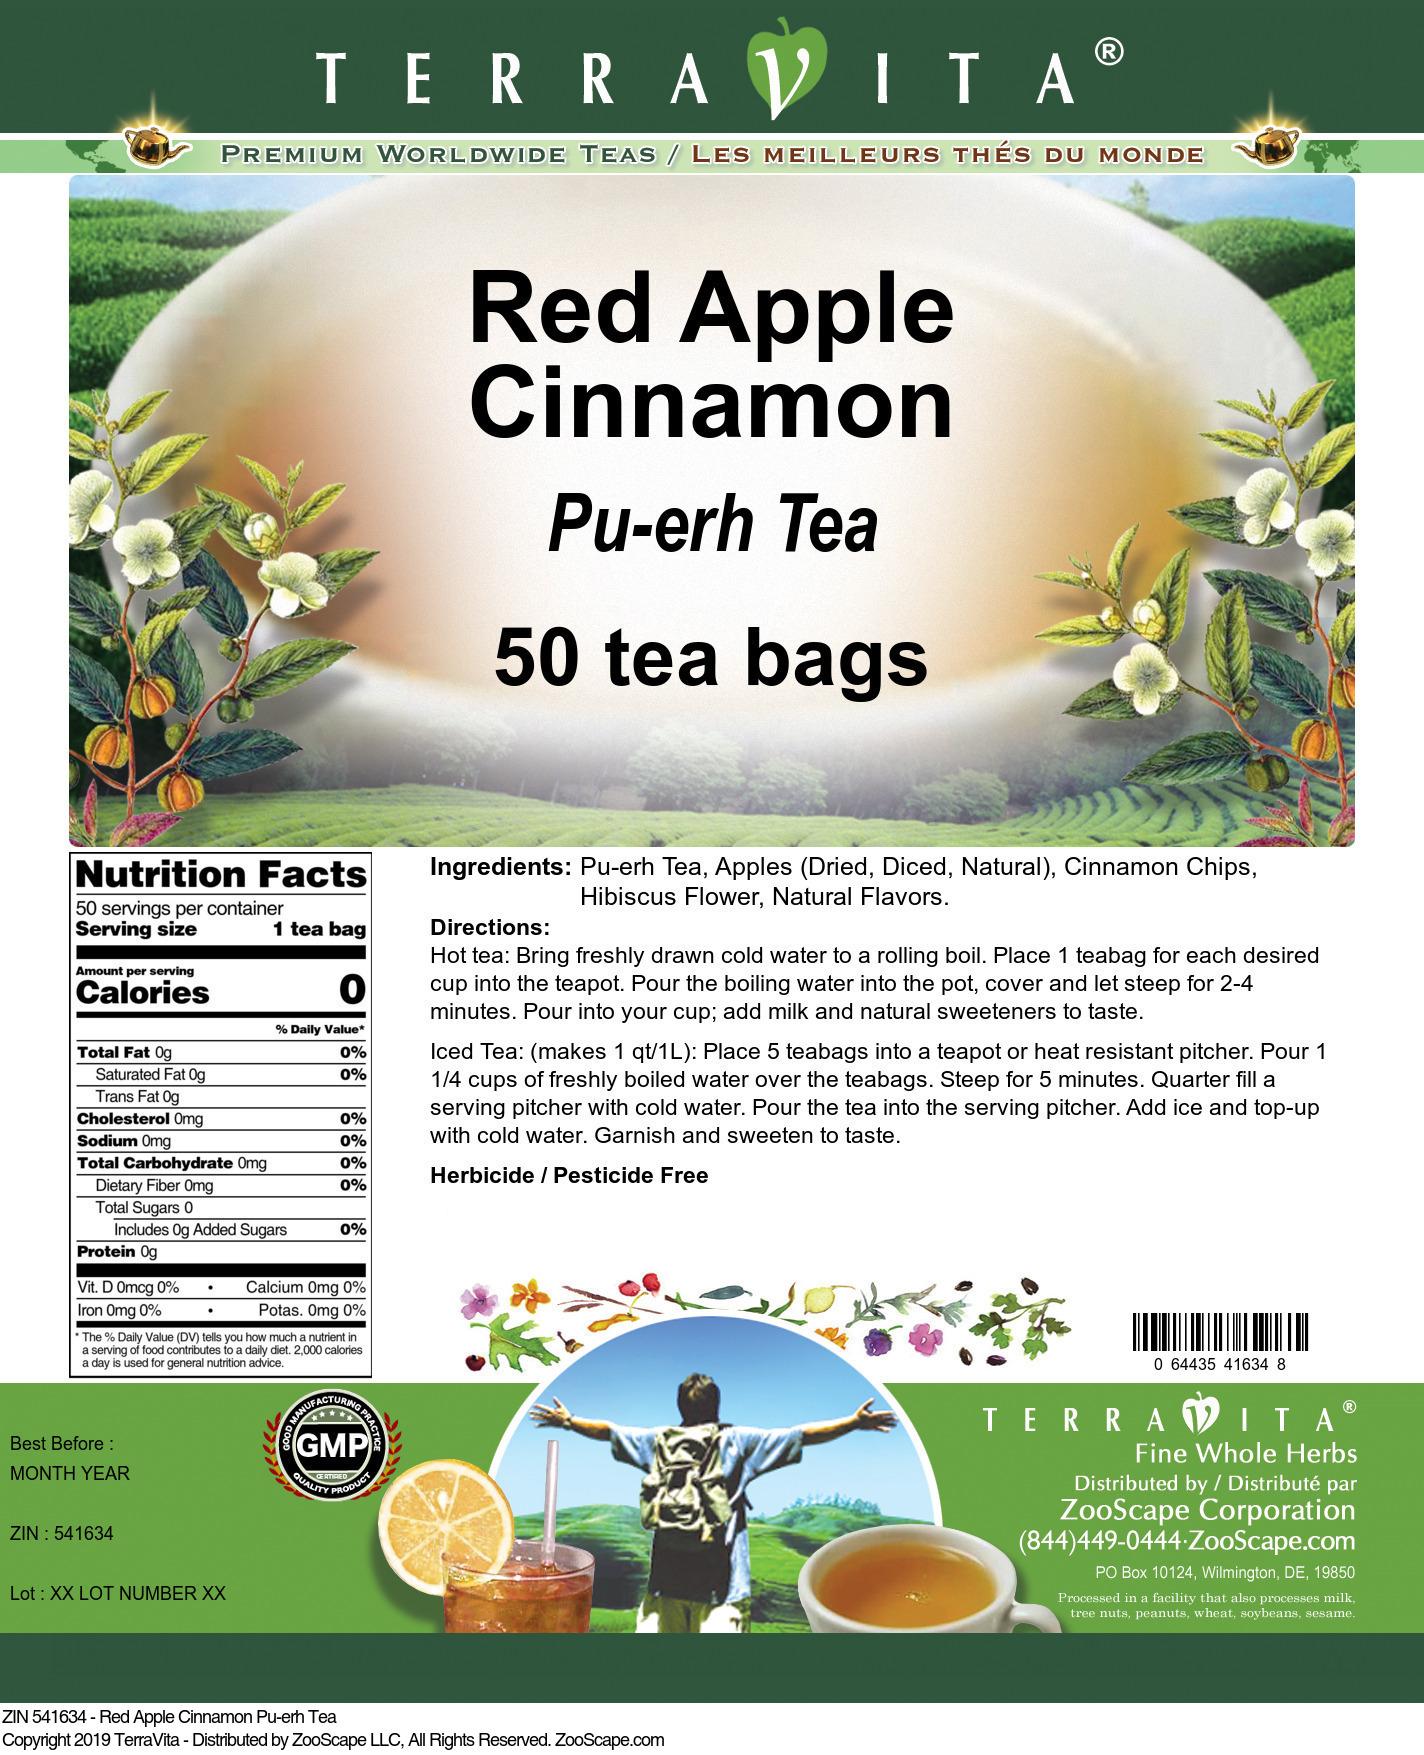 Red Apple Cinnamon Pu-erh Tea